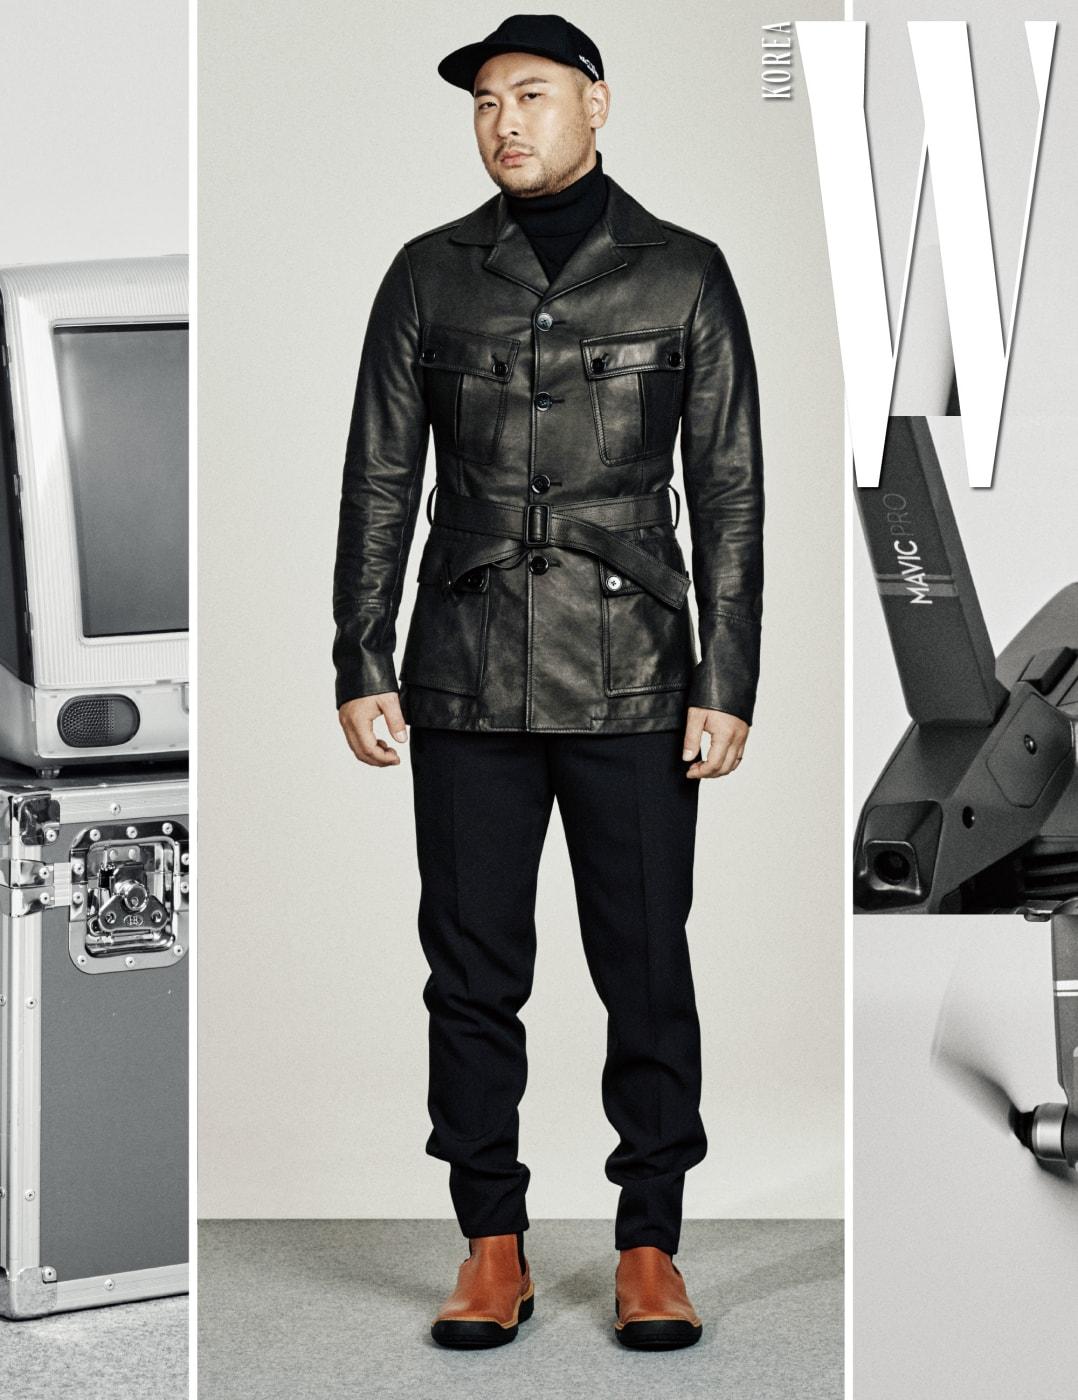 클래식한 벨티드 가죽 재킷과 슈즈는 보테가 베네타, 안에 입은 터틀넥 톱은 닐 바렛, 검은색 팬츠는 발리, 검정 베이스볼 캡은 발렌티노 가바리니 제품.